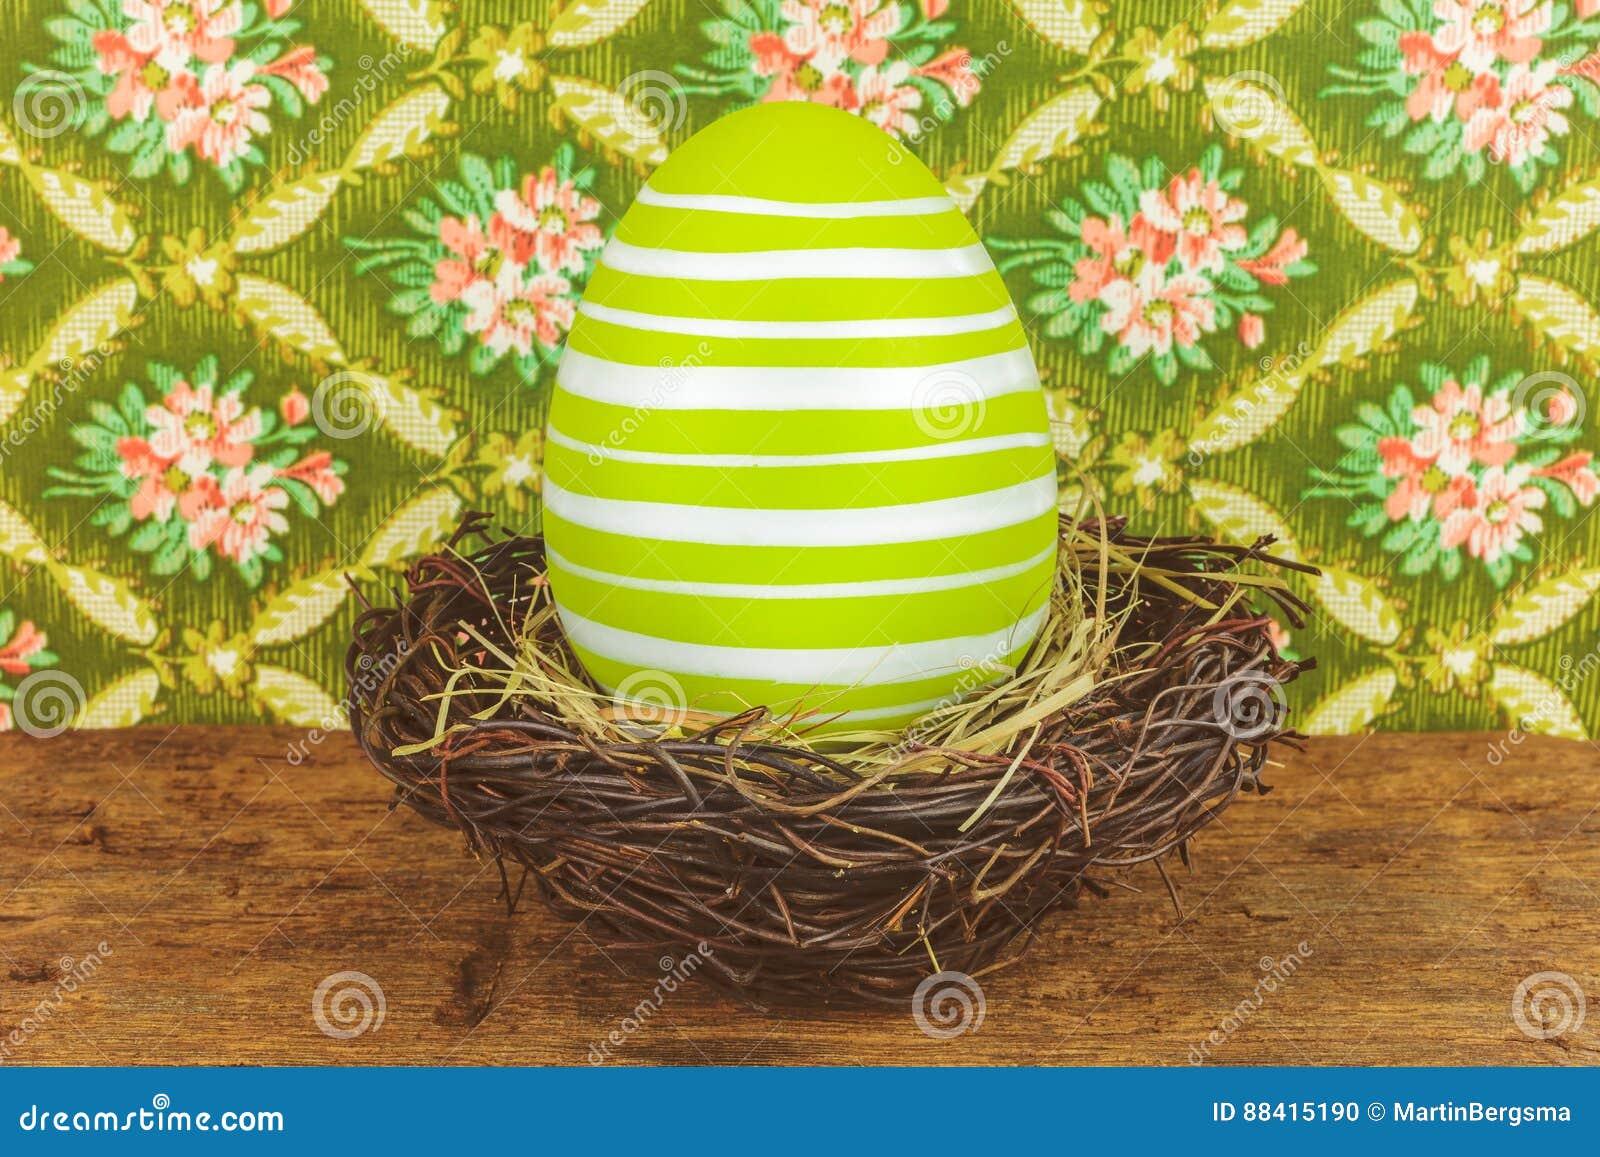 Grün färbte großes Osterei in einem Vogelnest auf einem Holztisch